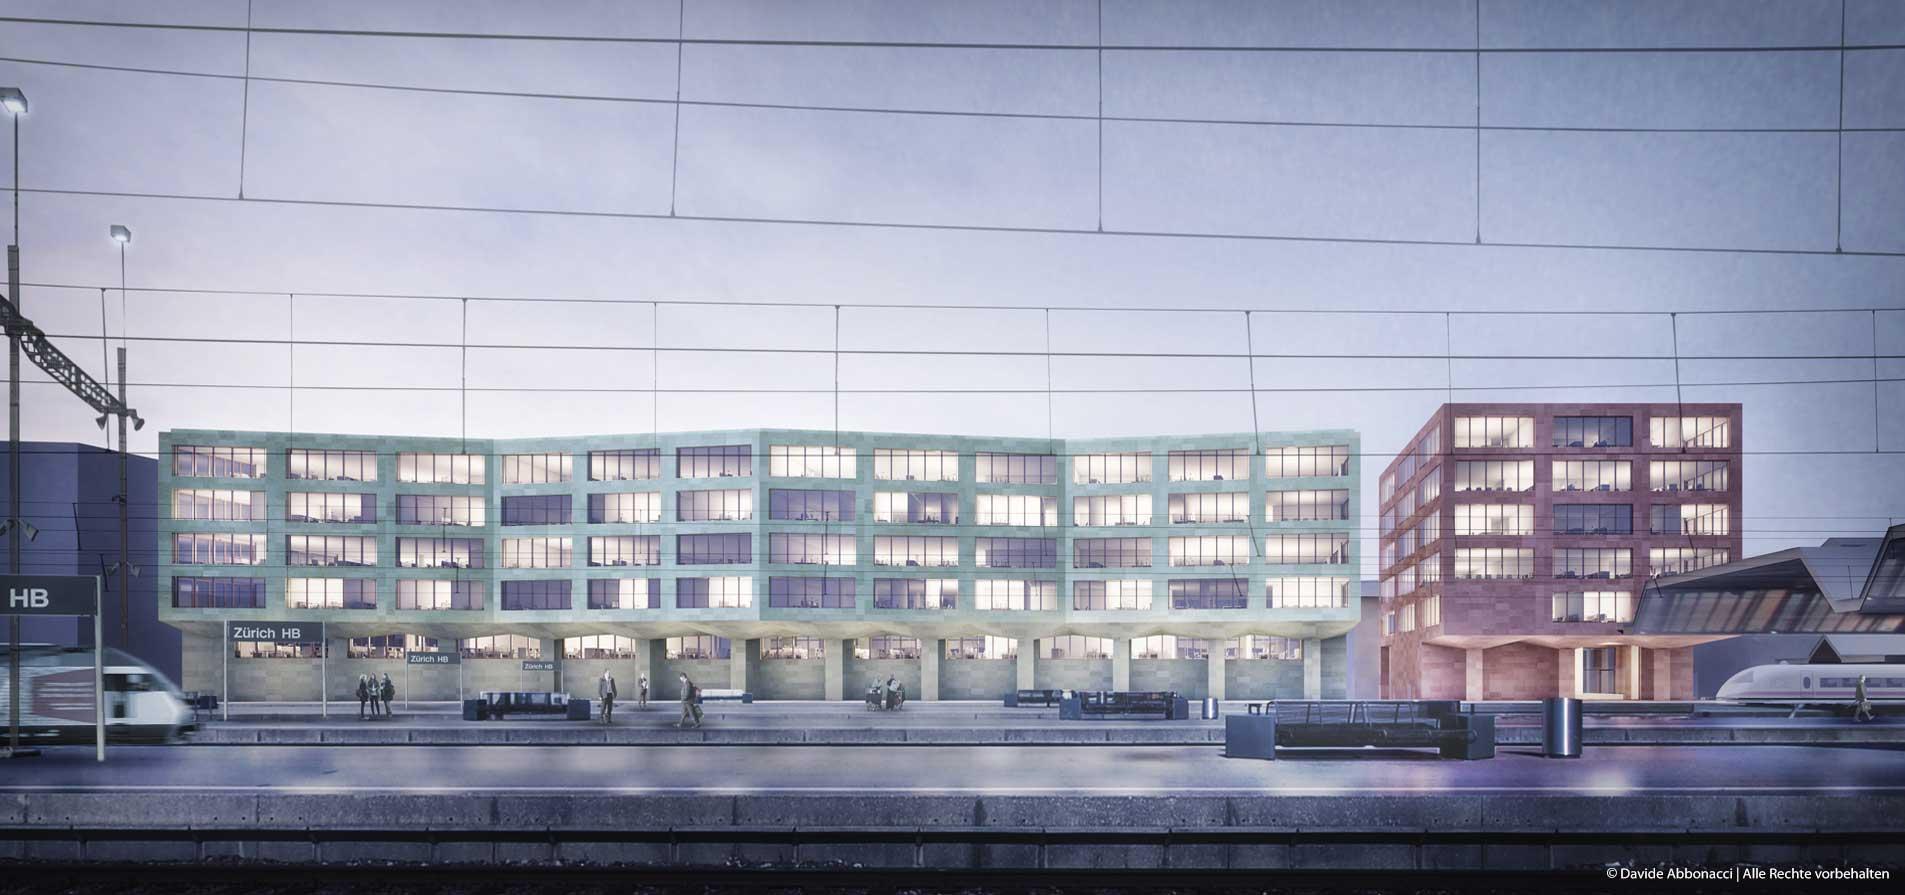 Neubau Zollstrasse Ost, Zürich | Kuehn Malvezzi Architekten | 2014 Wettbewerbsvisualisierung | 3. Preis